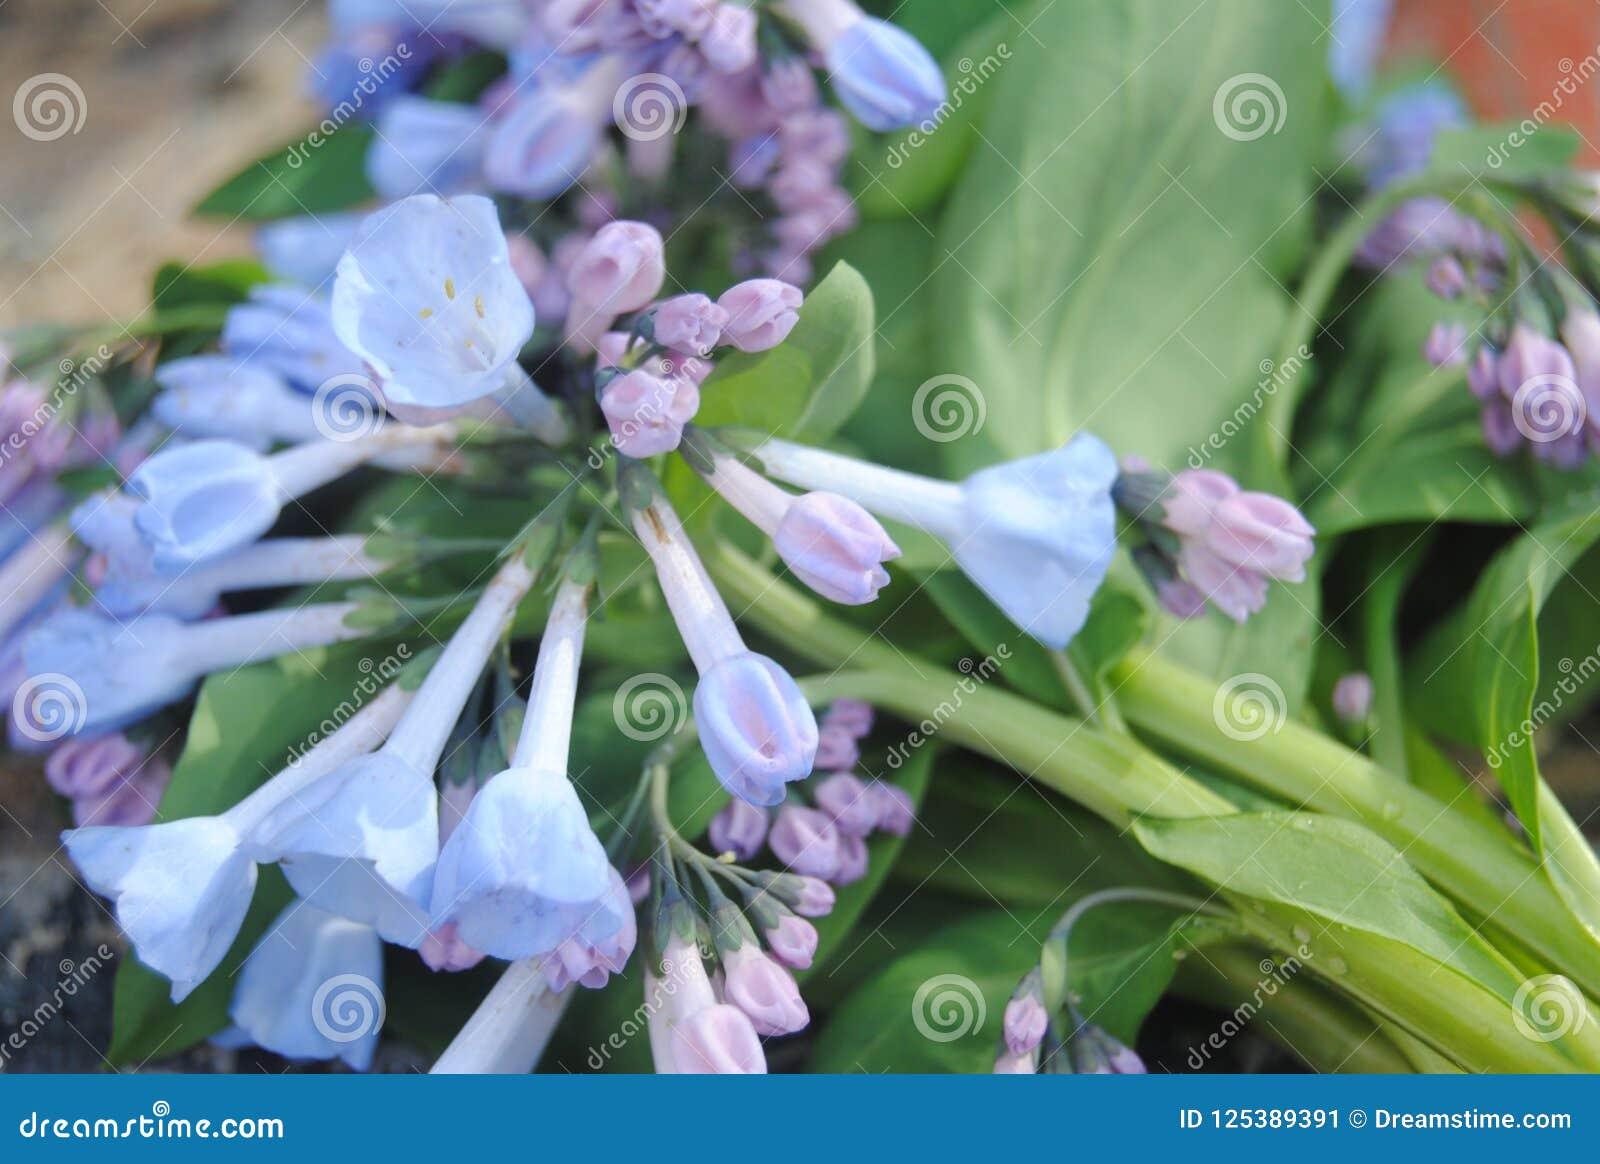 Flores Raras Del Rio De Blurple Imagen De Archivo Imagen De